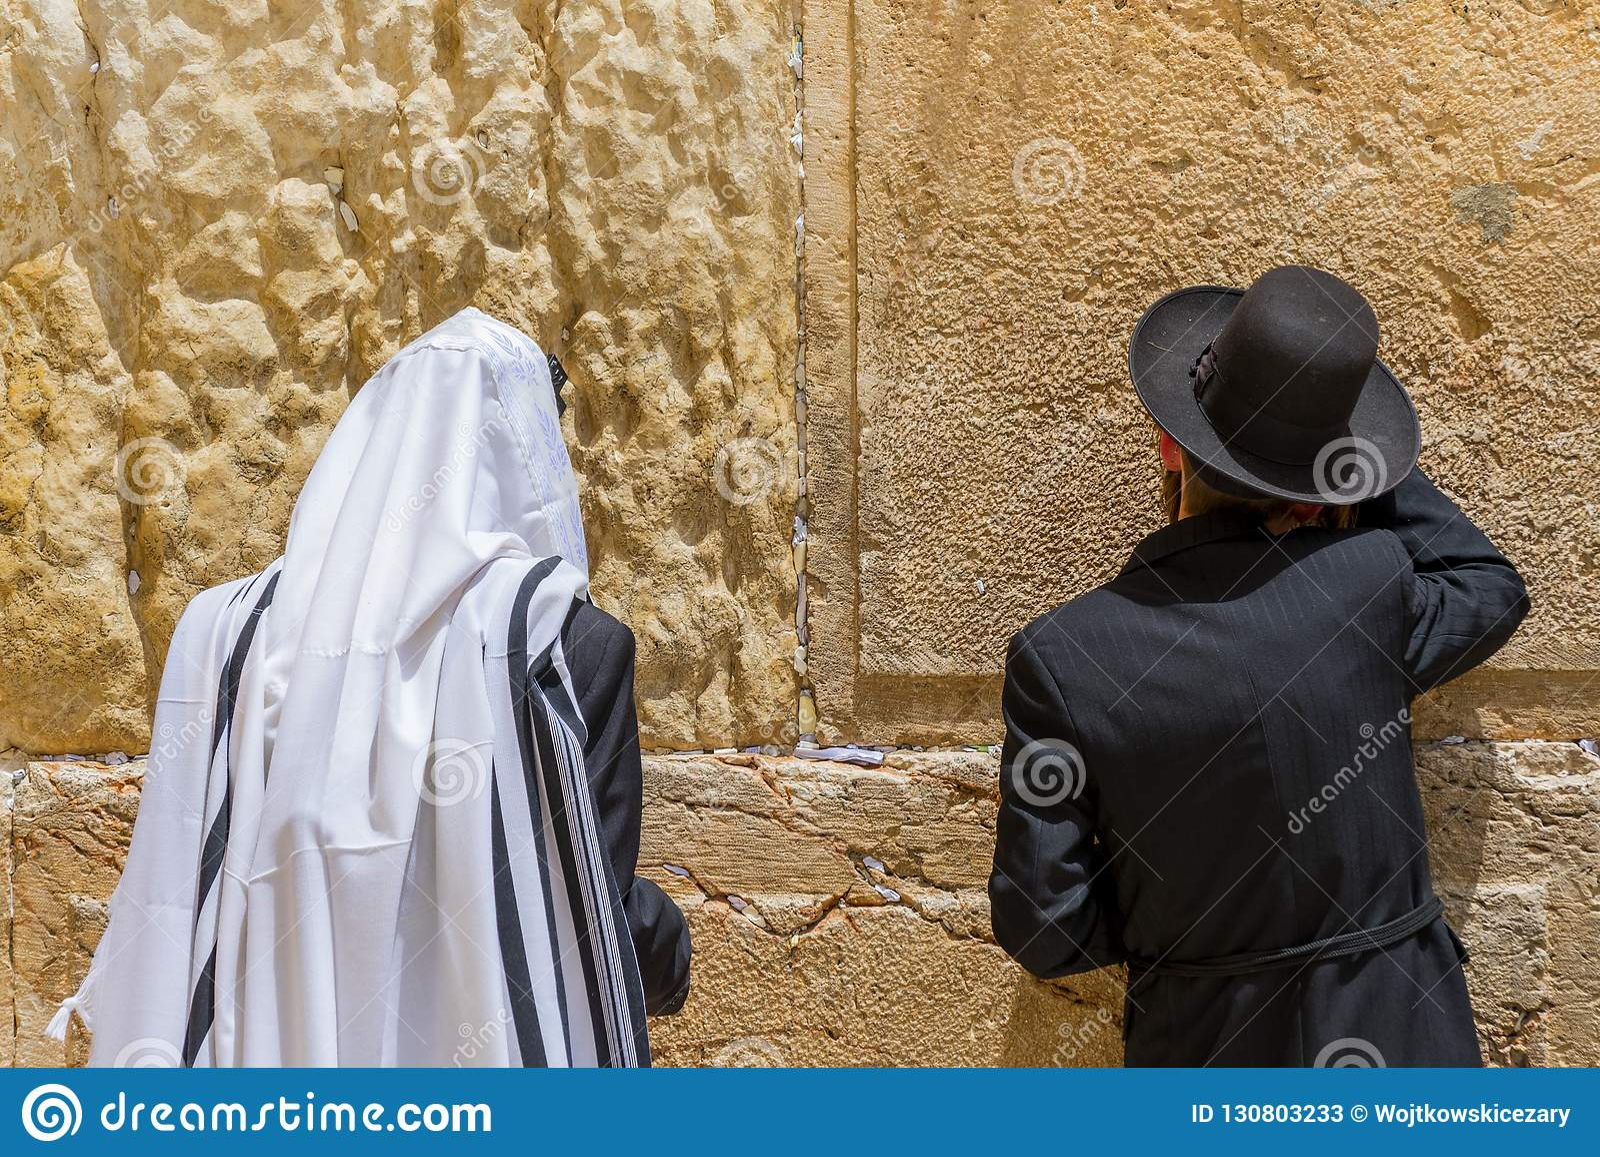 οι Εβραίοι του Ισραήλ Ιερουσαλήμ ορθόδοξοι προσεύχονται το θρησκευτικό τοίχο δυτικό Ισραήλ Ιερουσαλήμ